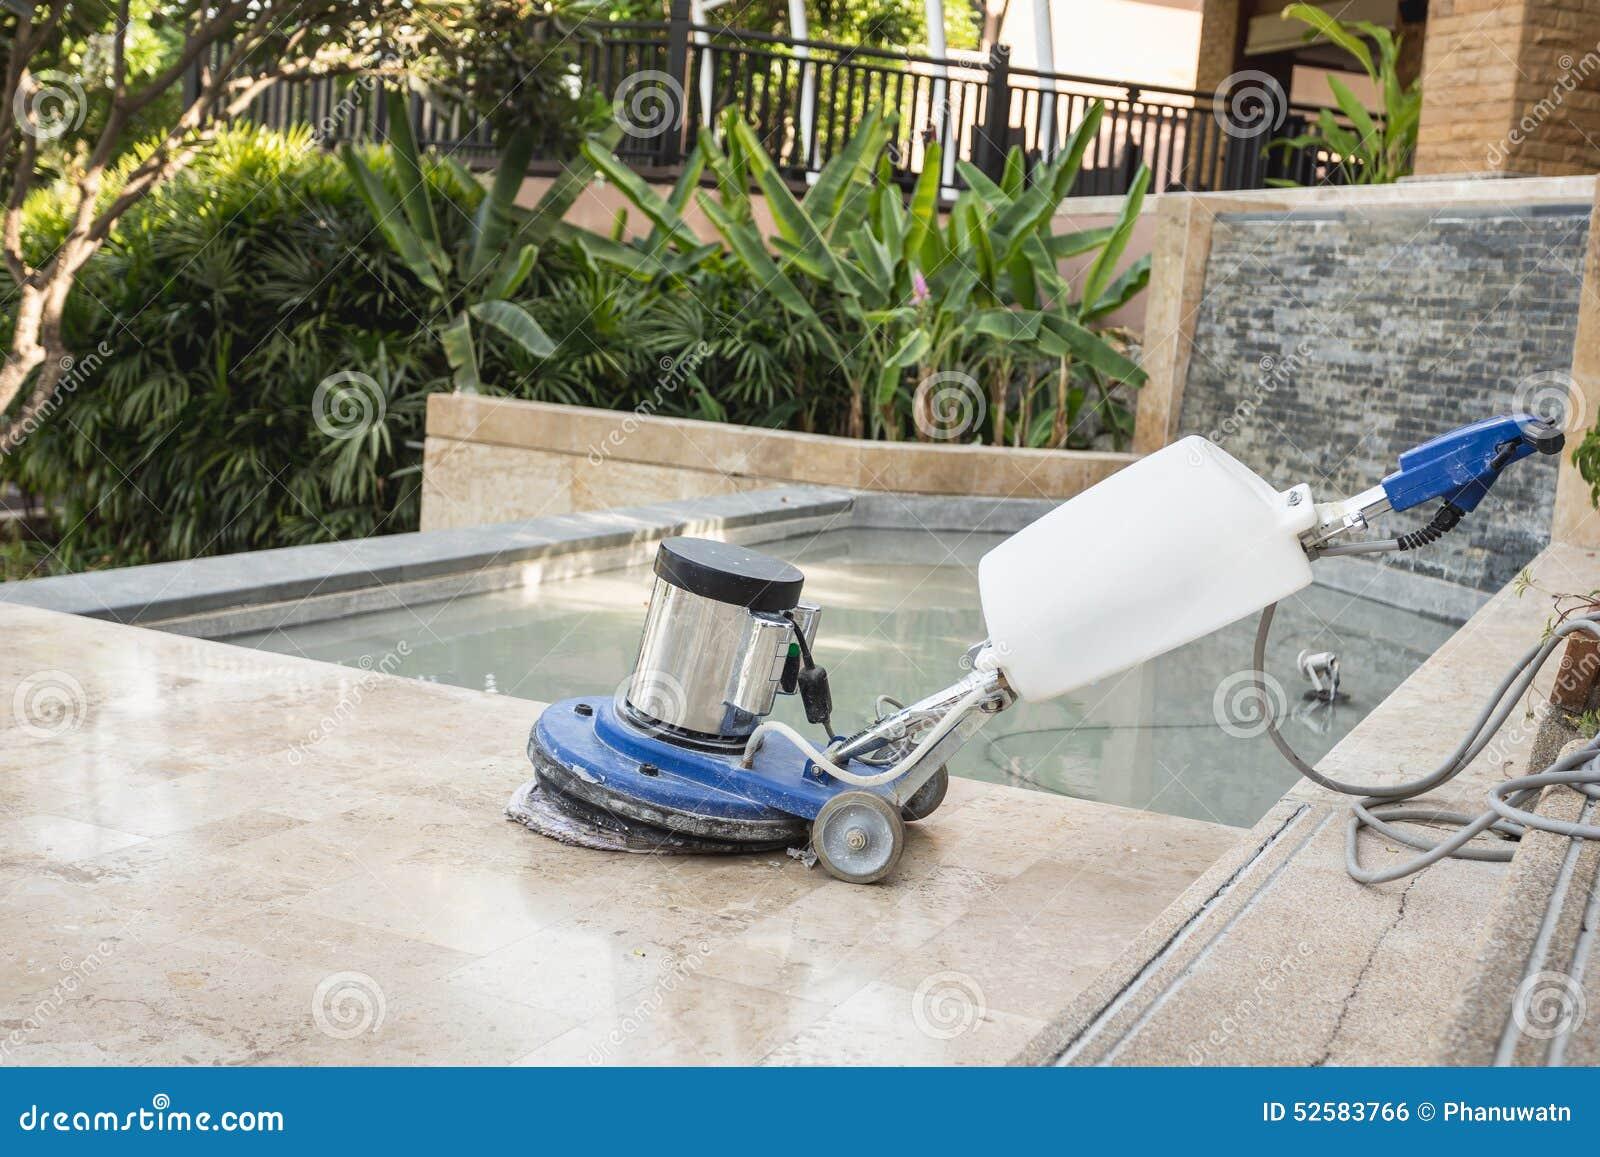 Fußboden Poliermaschine ~ Poliermaschine für fußböden für stein elektrisch